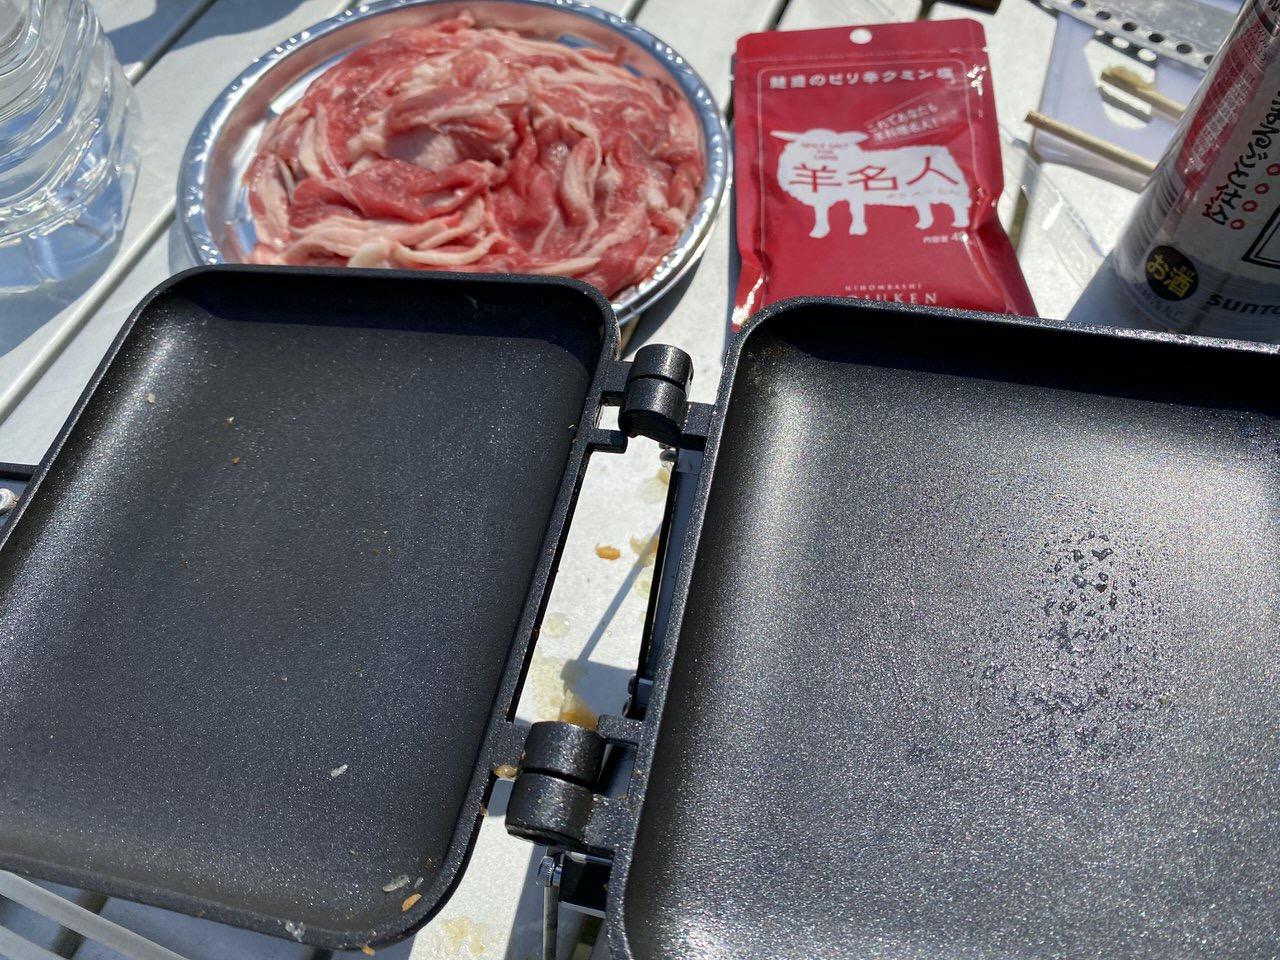 「ホットサンドメーカー」ラム肉とピリ辛クミン塩